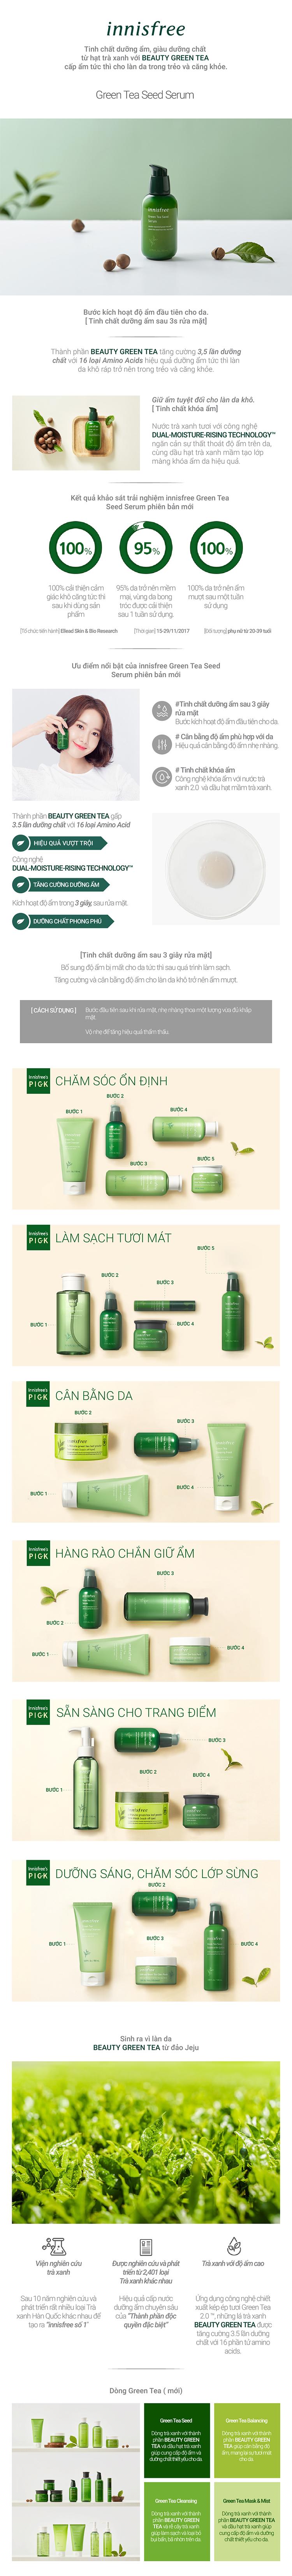 Tinh chất dưỡng ẩm cô đặc từ trà xanh và dầu hạt trà xanh tươi Jeju Innisfree The Green Tea Seed Serum 80ml